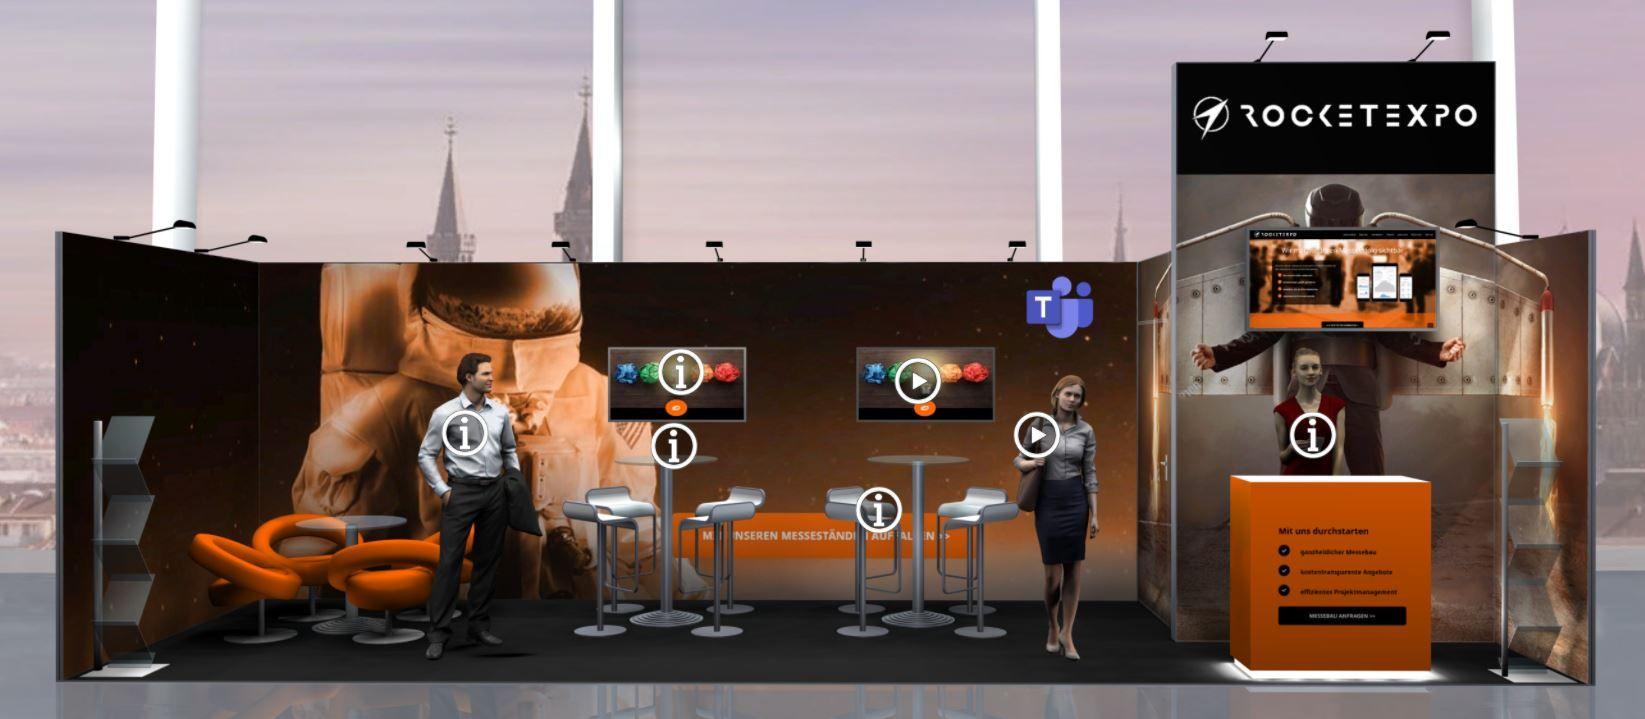 Virtueller Messestand in einer 2D-Umgebung